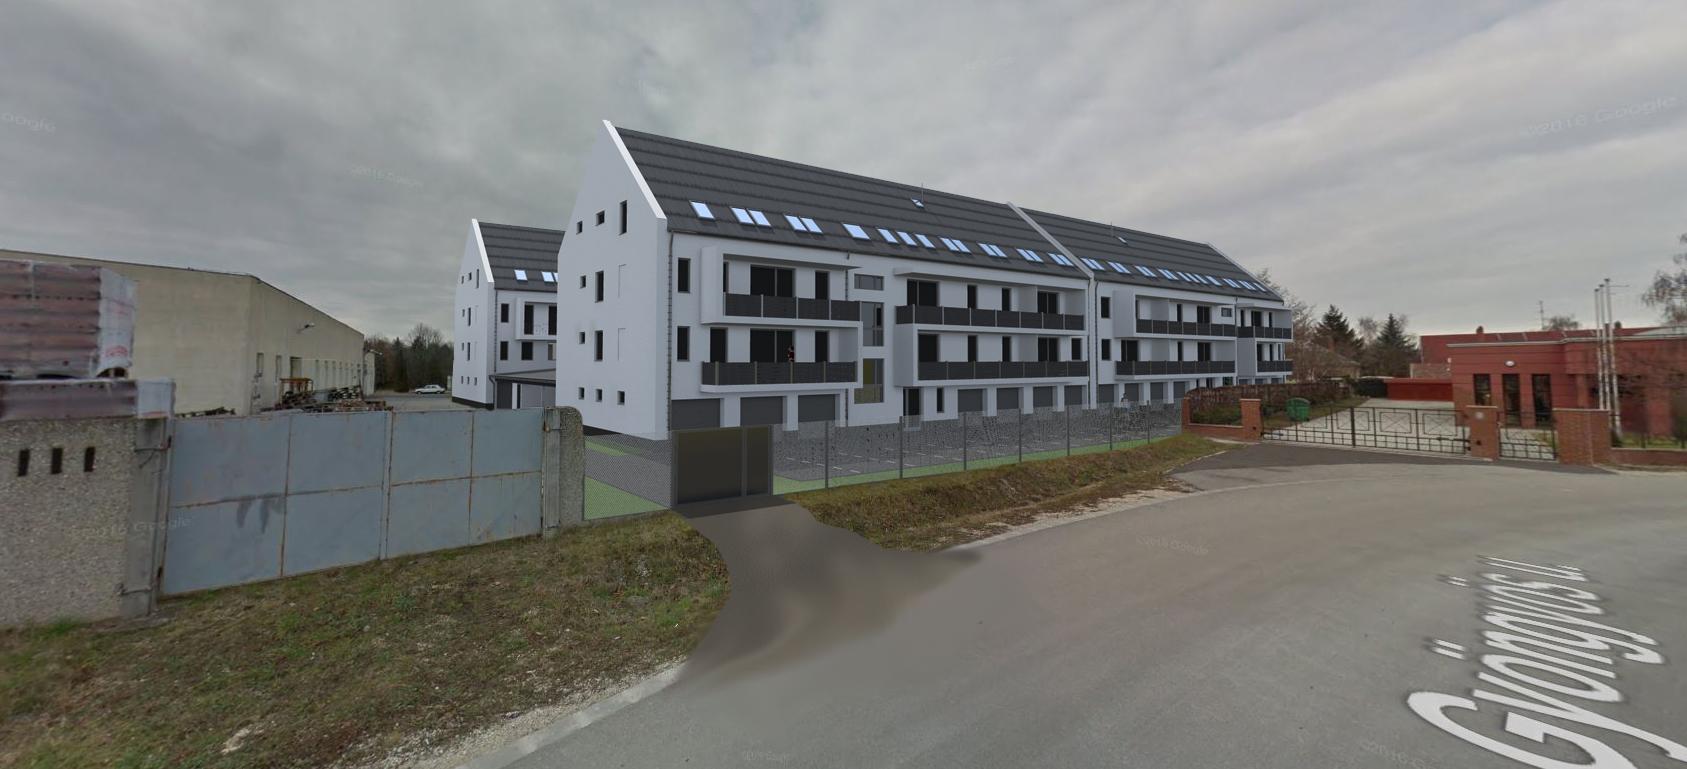 Gyöngyös utcai társasház látványterv - Böröck Ingatlanforgalmazó Kft. 14